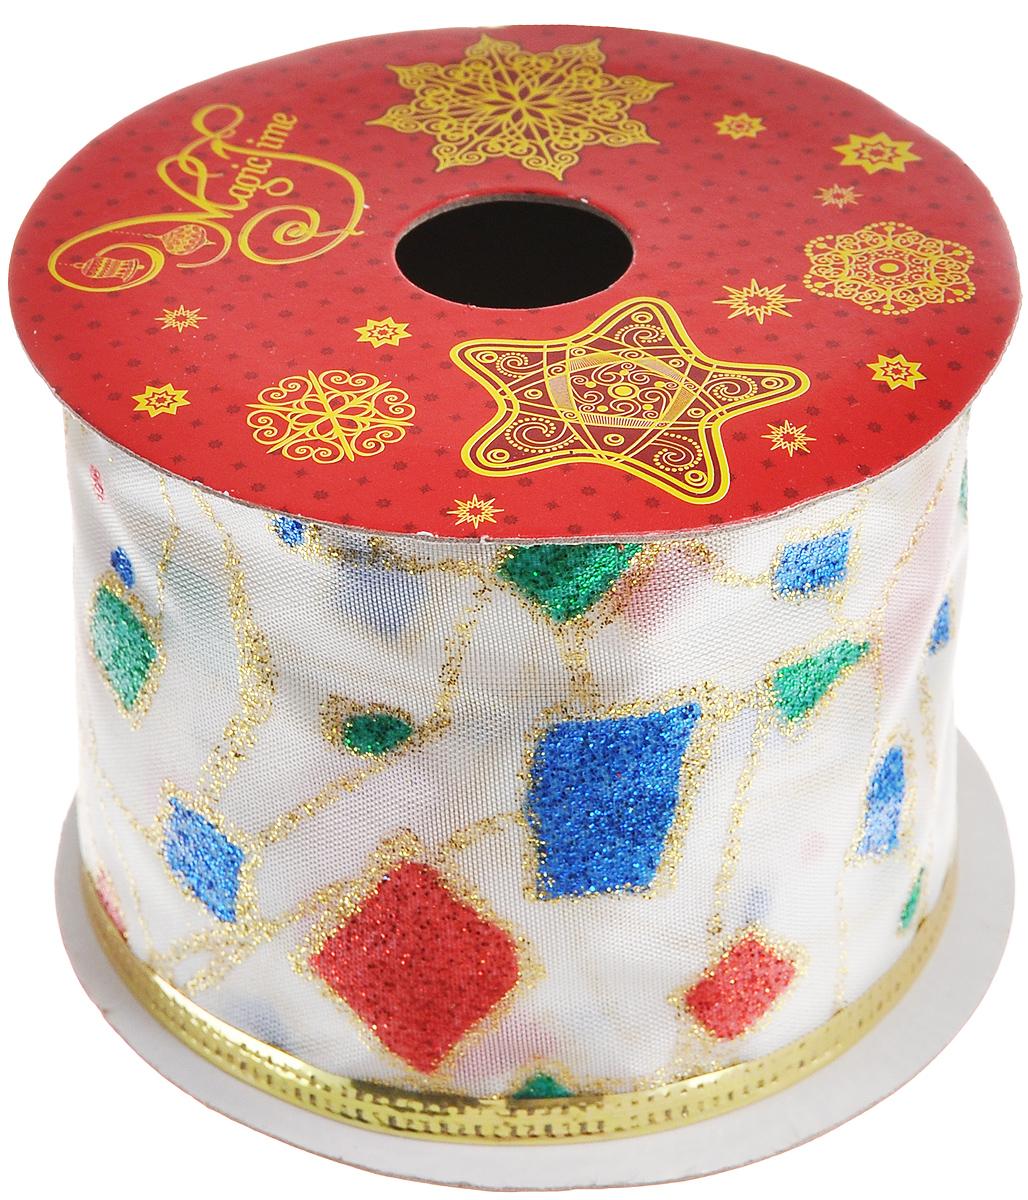 Декоративная лента Феникс-презент Разноцветные квадратики, цвет: белый, зеленый, красный, длина 2,7 м38904Декоративная лента Феникс-презент Разноцветные квадратики выполнена из высококачественного полиэстера. В края ленты вставлена проволока, благодаря чему ее легко фиксировать. Лента предназначена для оформления подарочных коробок, пакетов. Кроме того, декоративная лента с успехом применяется для художественного оформления витрин, праздничного оформления помещений, изготовления искусственных цветов. Декоративная лента украсит интерьер вашего дома к праздникам.Ширина ленты: 6,3 см.